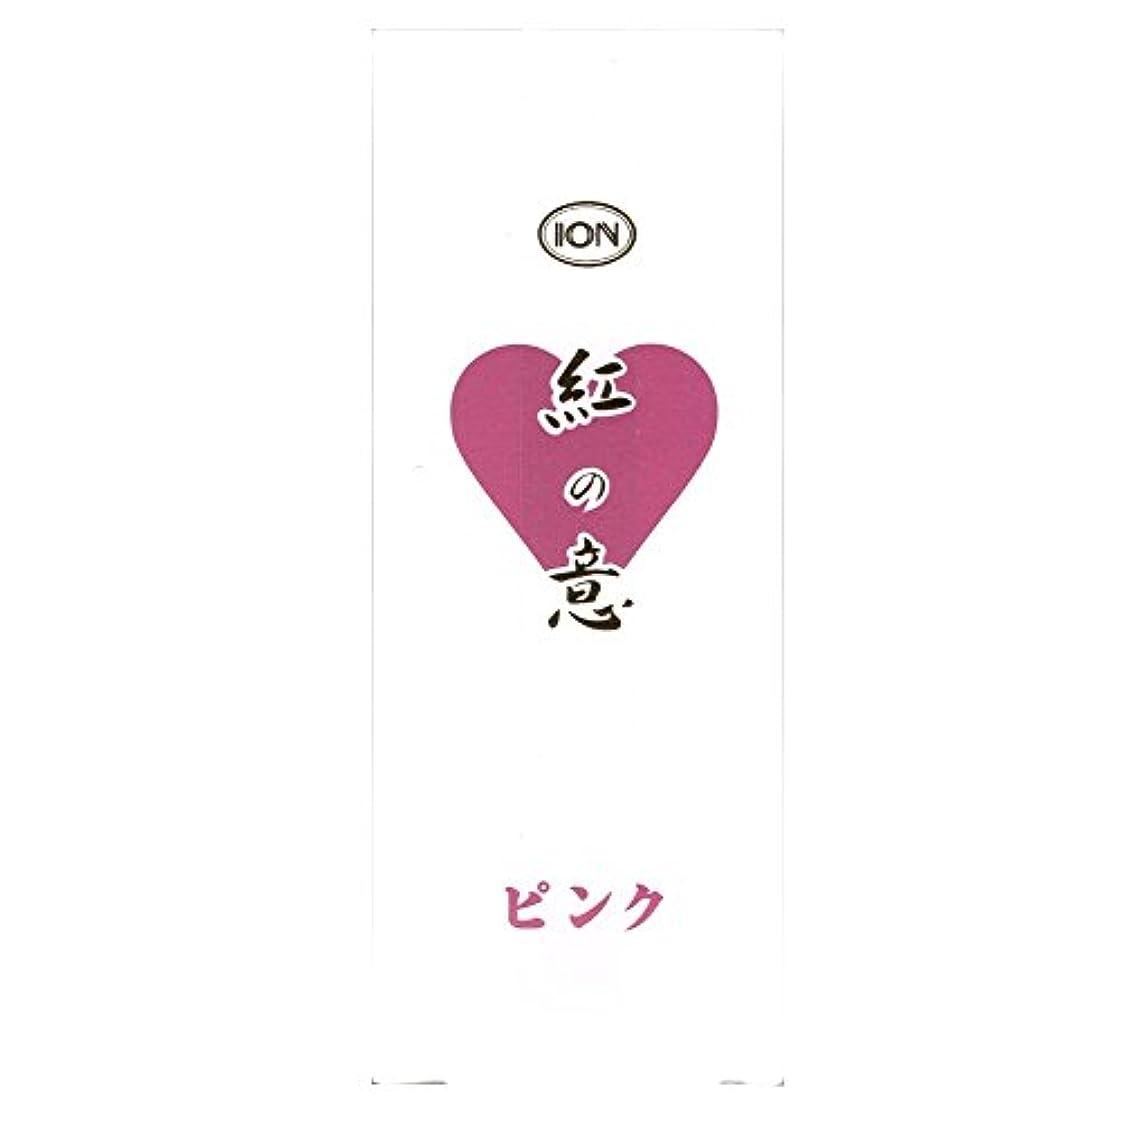 味わう順番刺繍イオン化粧品 イオンカラークリーム (ピンク)